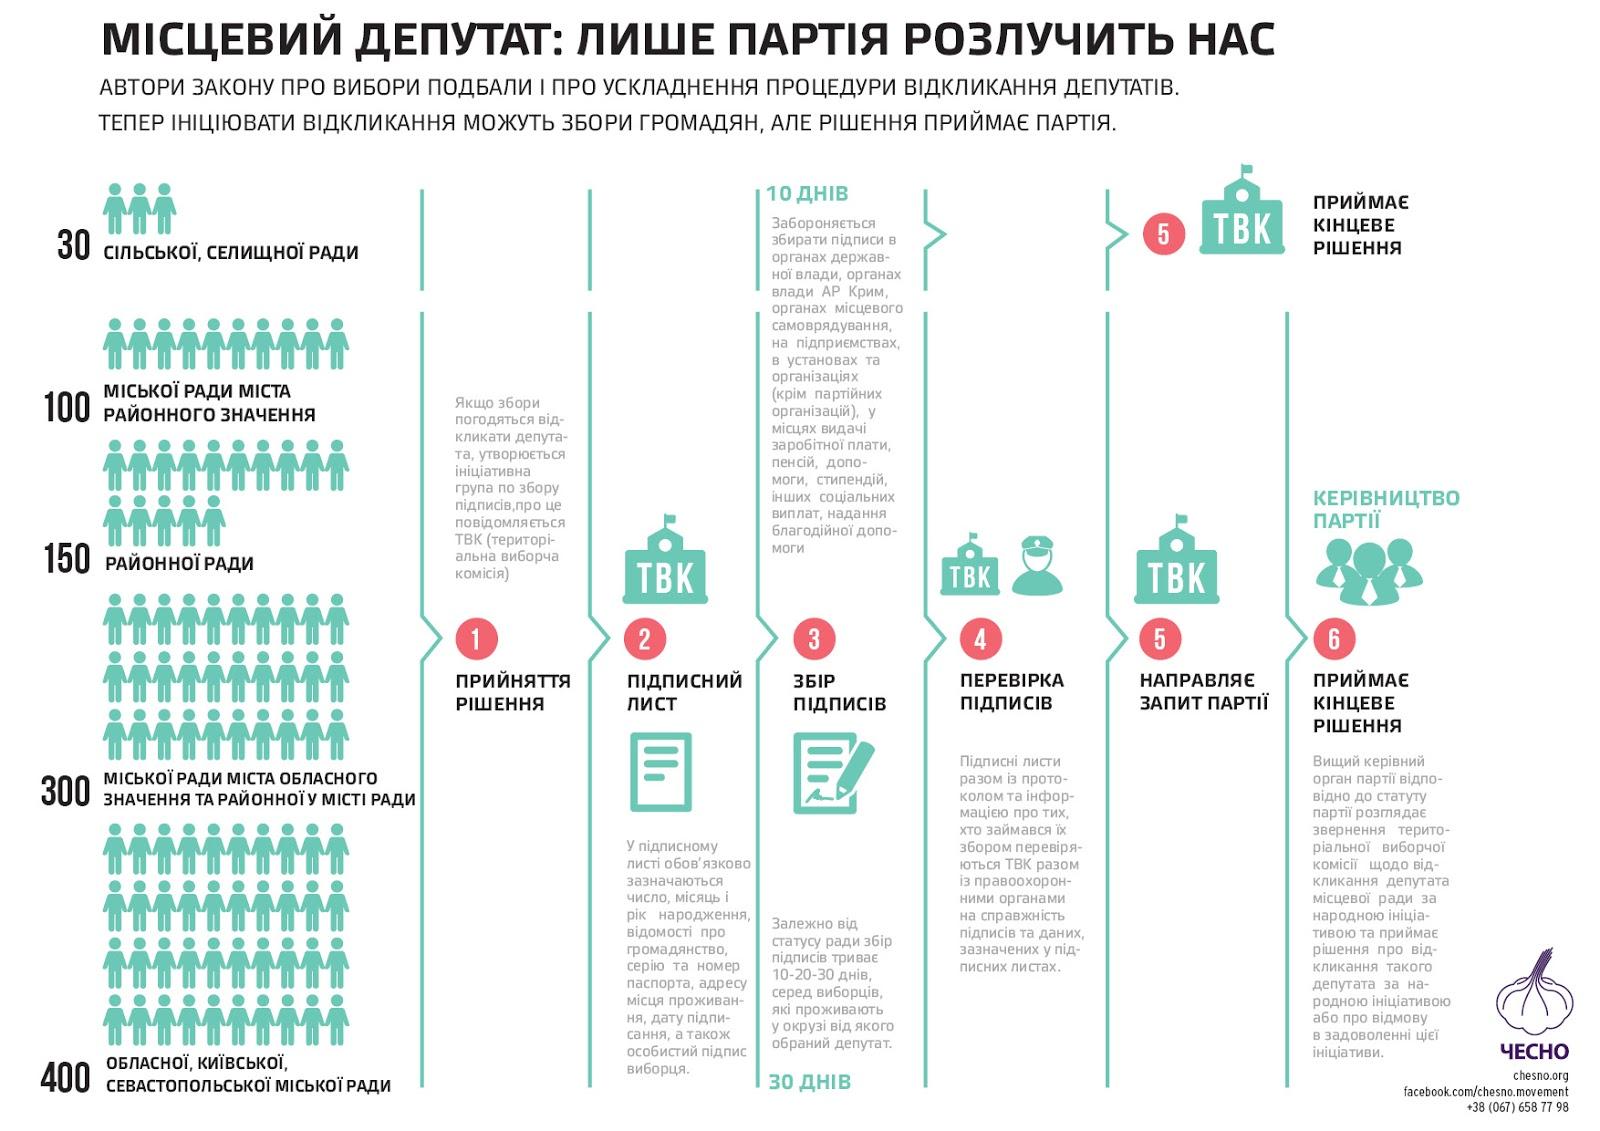 Еволюція Київради з 2010 до 2020: від Черновецького до Кличка -  - Kyvrada12